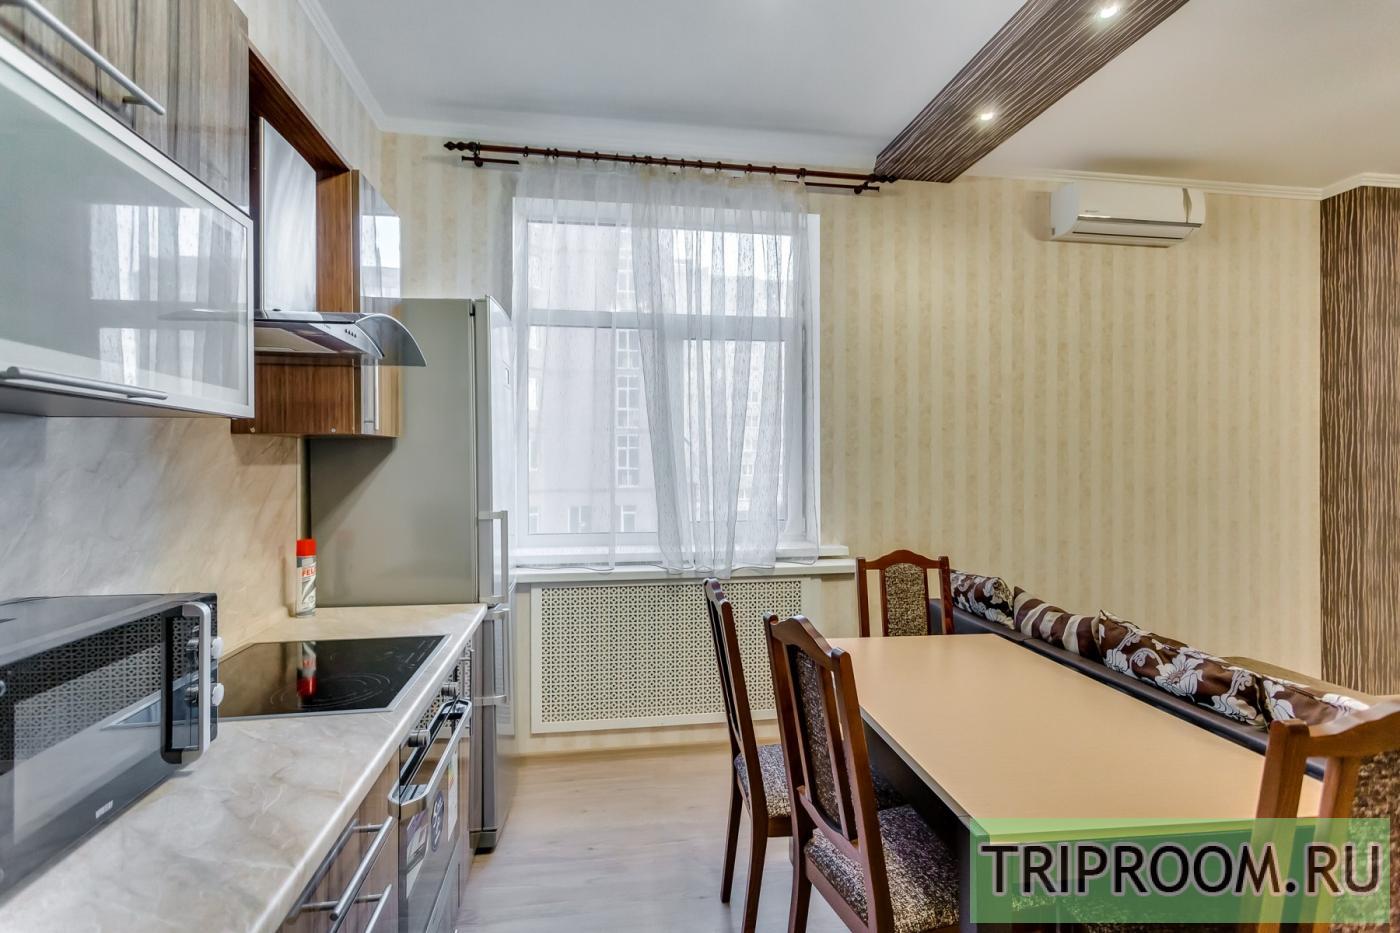 3-комнатная квартира посуточно (вариант № 23511), ул. Красноармейская улица, фото № 4